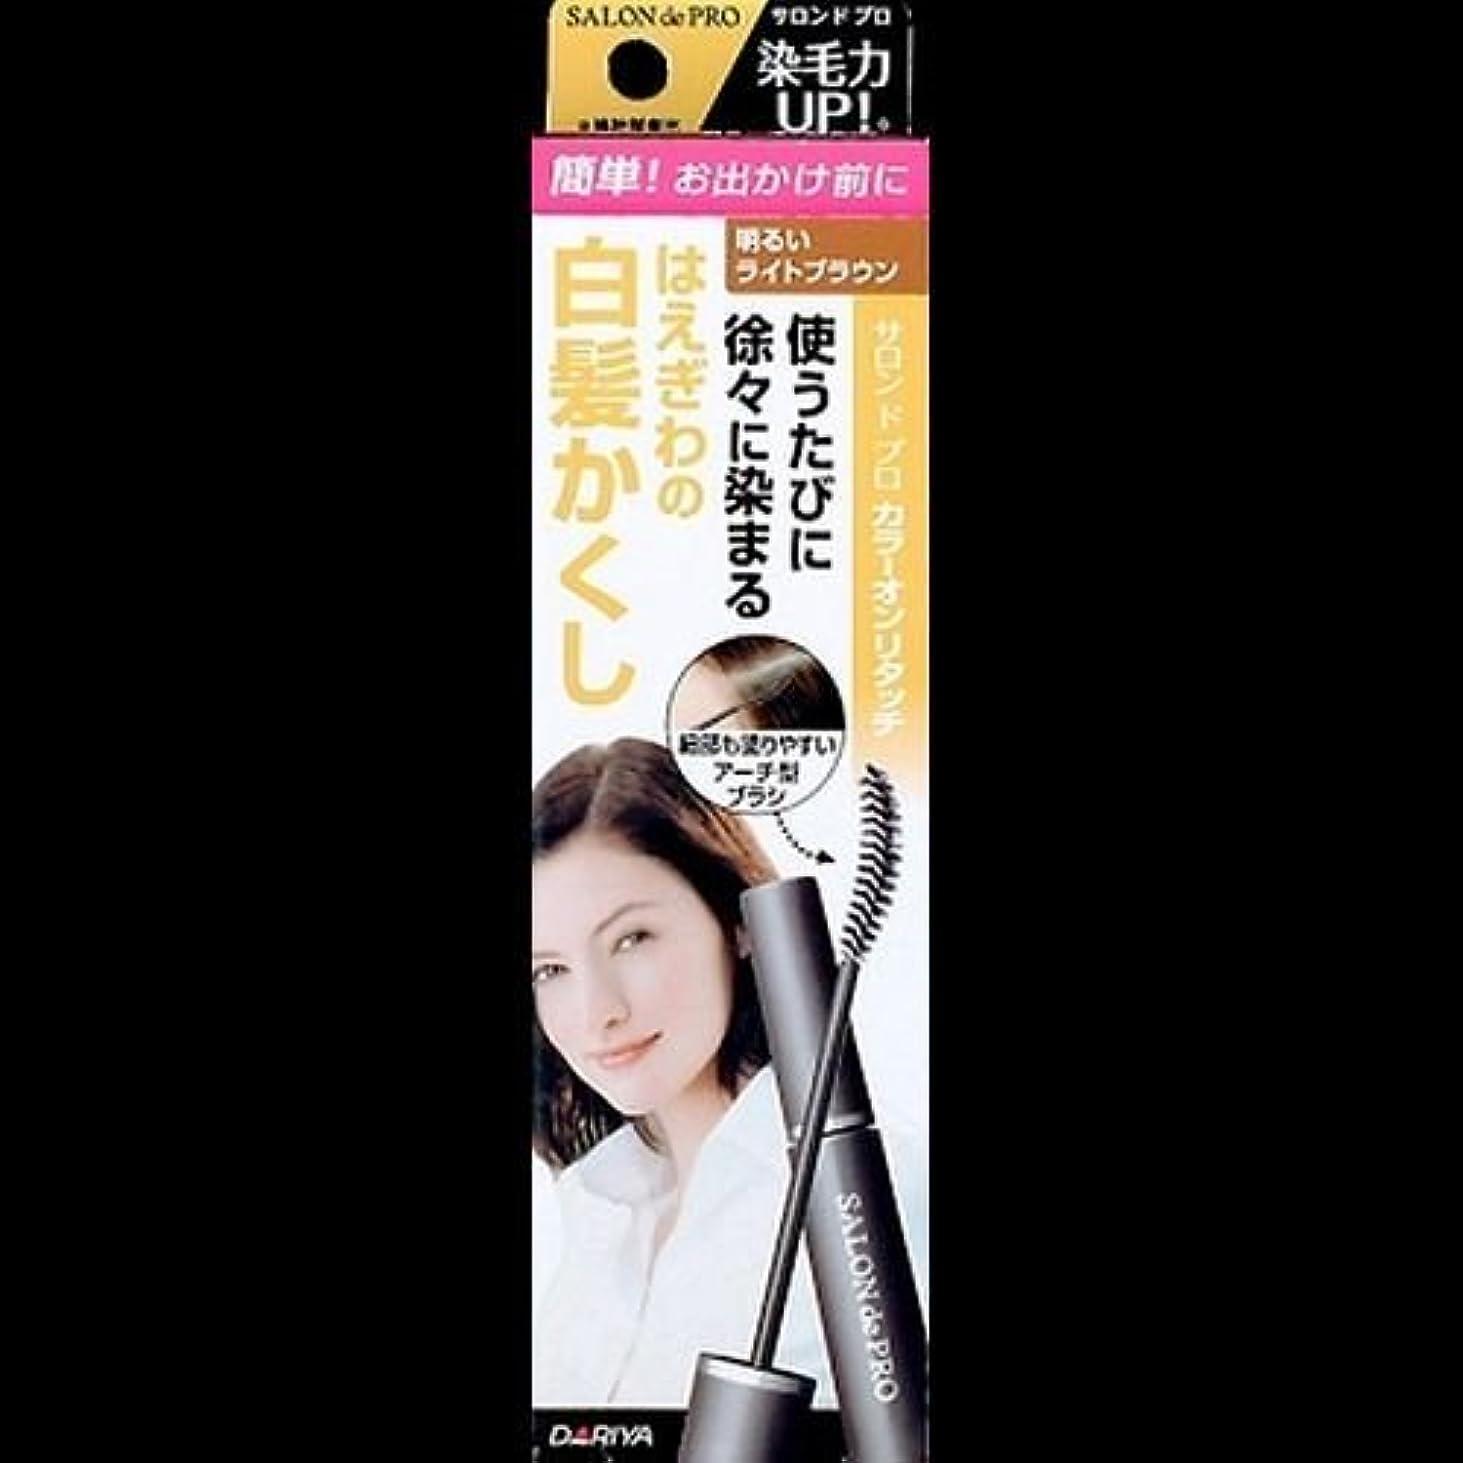 【まとめ買い】サロンドプロ カラーオンリタッチ 白髪かくしEX 明るいライトブラウン 15ml ×2セット